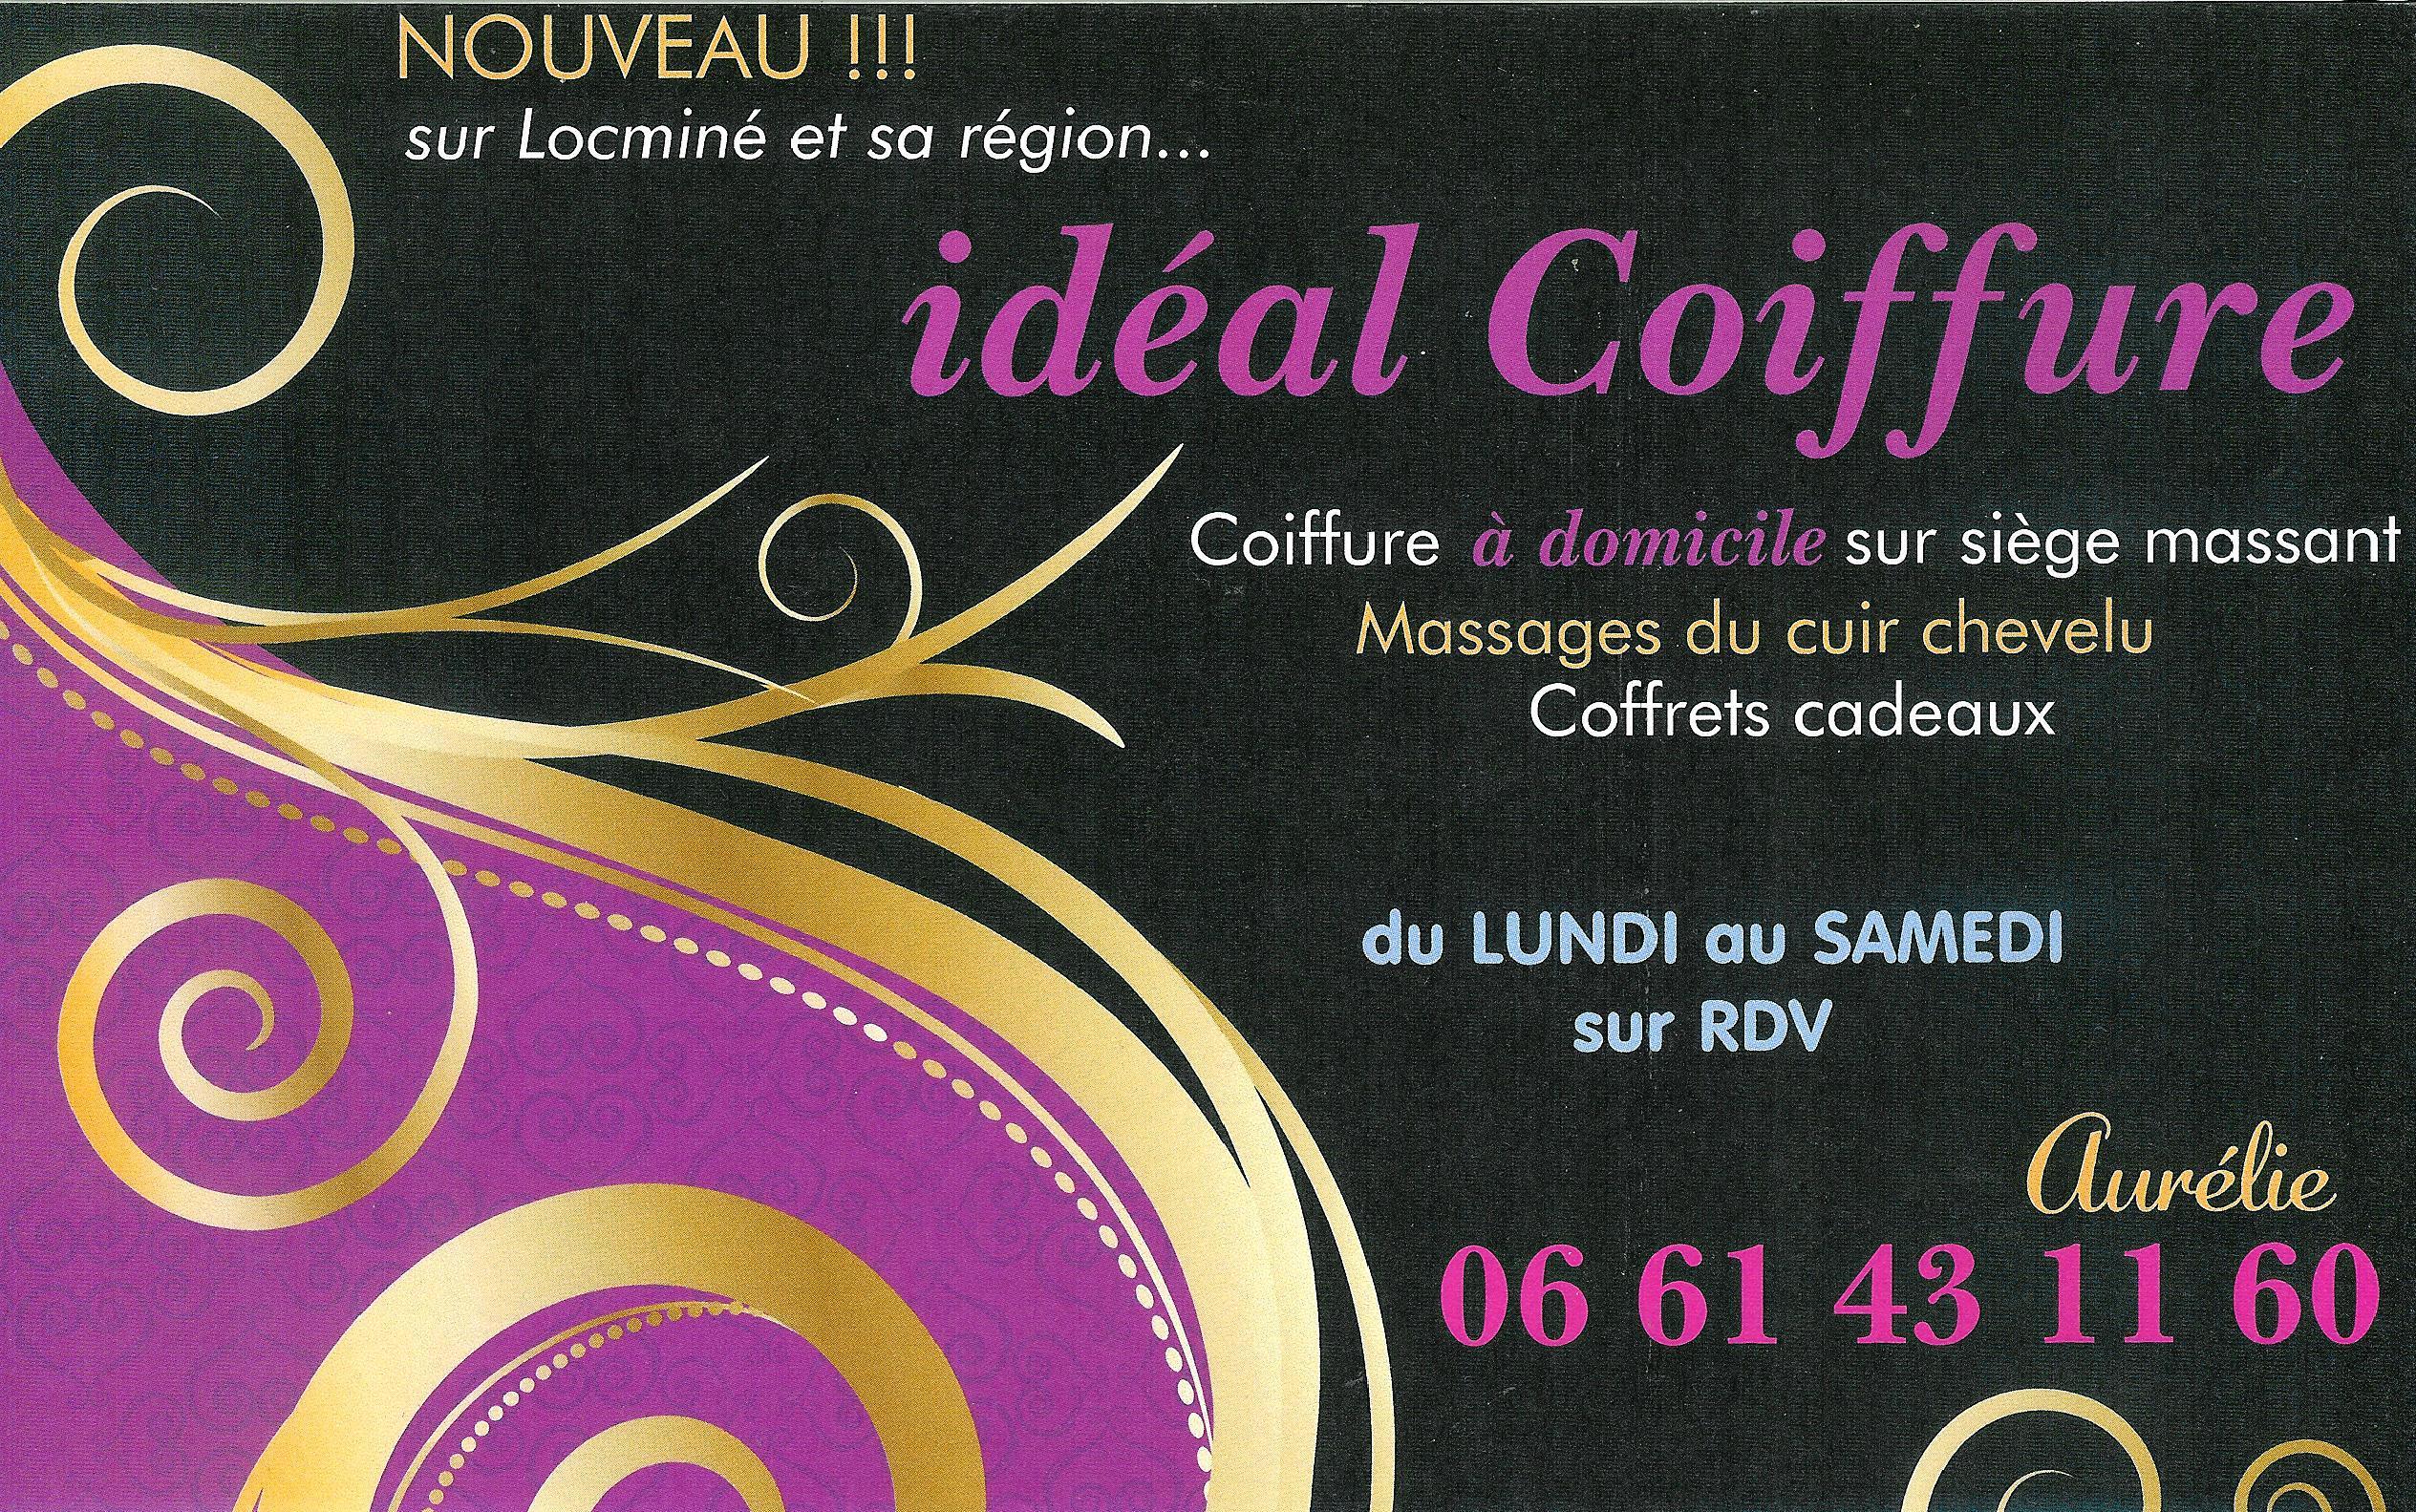 Audacieuse ideal coiffure flyer - Idéal Coiffure et Esthétique à Domicile WF-07